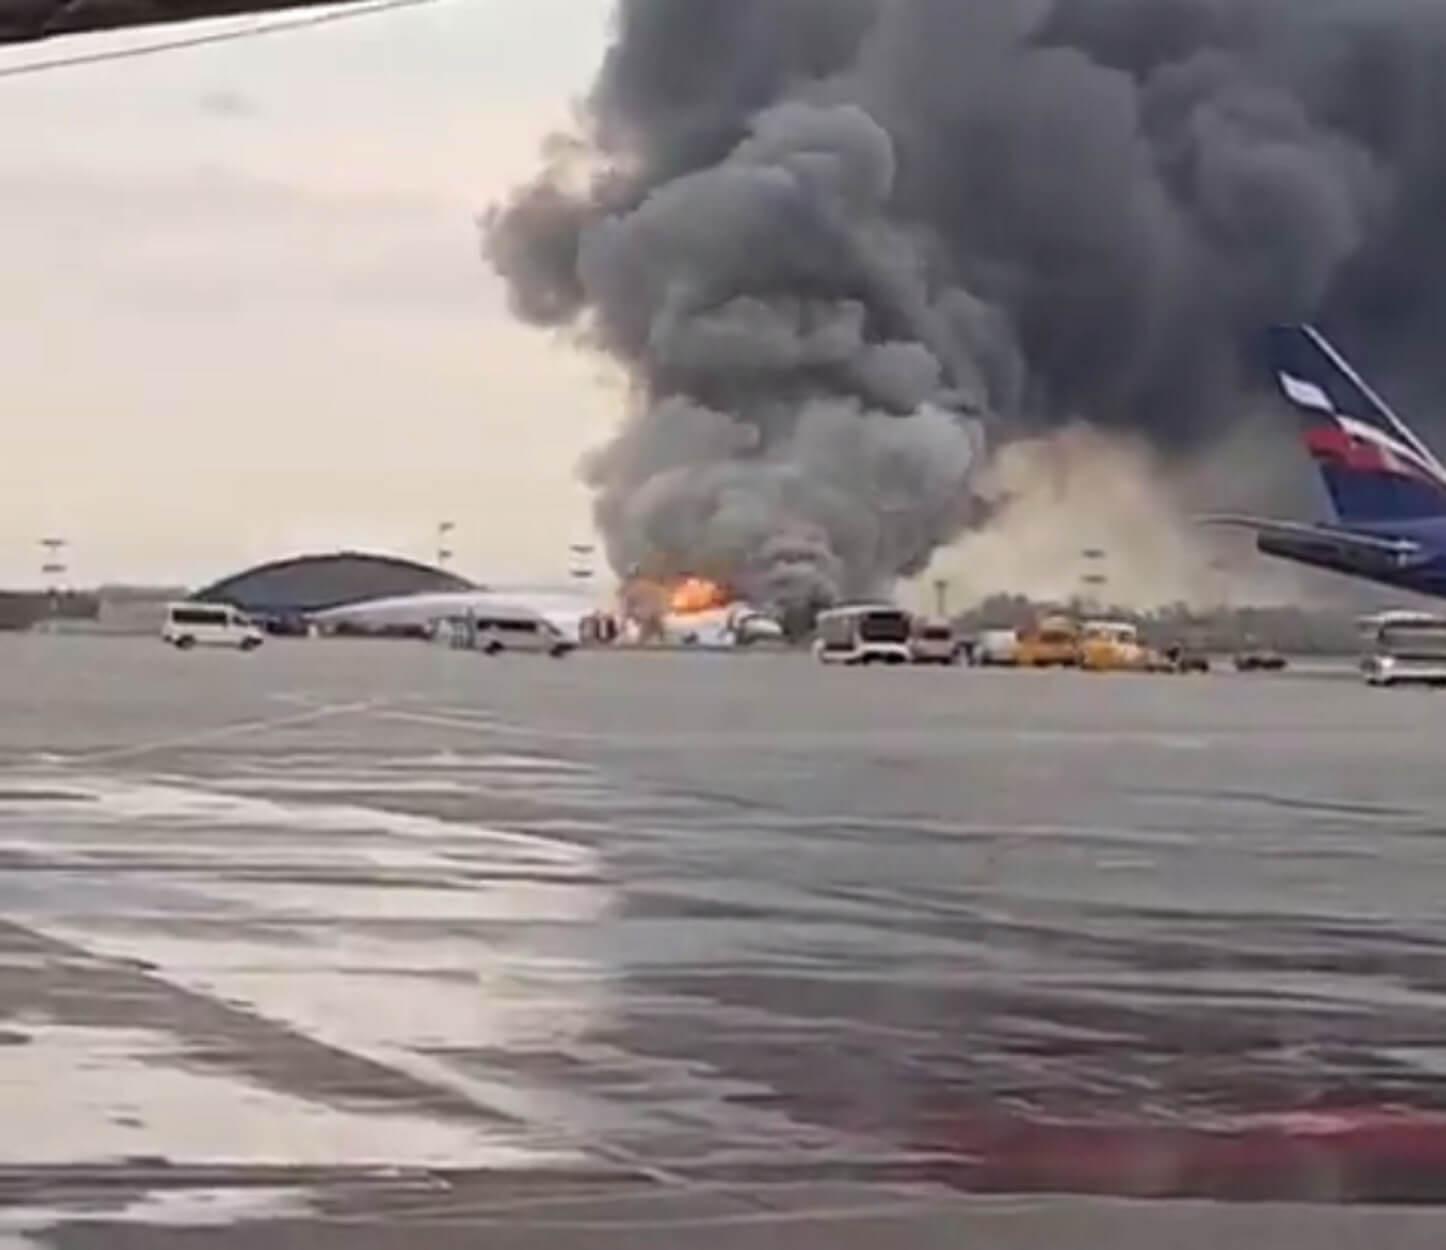 """Μόσχα: Θρίλερ με φλεγόμενο αεροπλάνο – """"Ένας νεκρός και πολλοί τραυματίες""""! Video"""